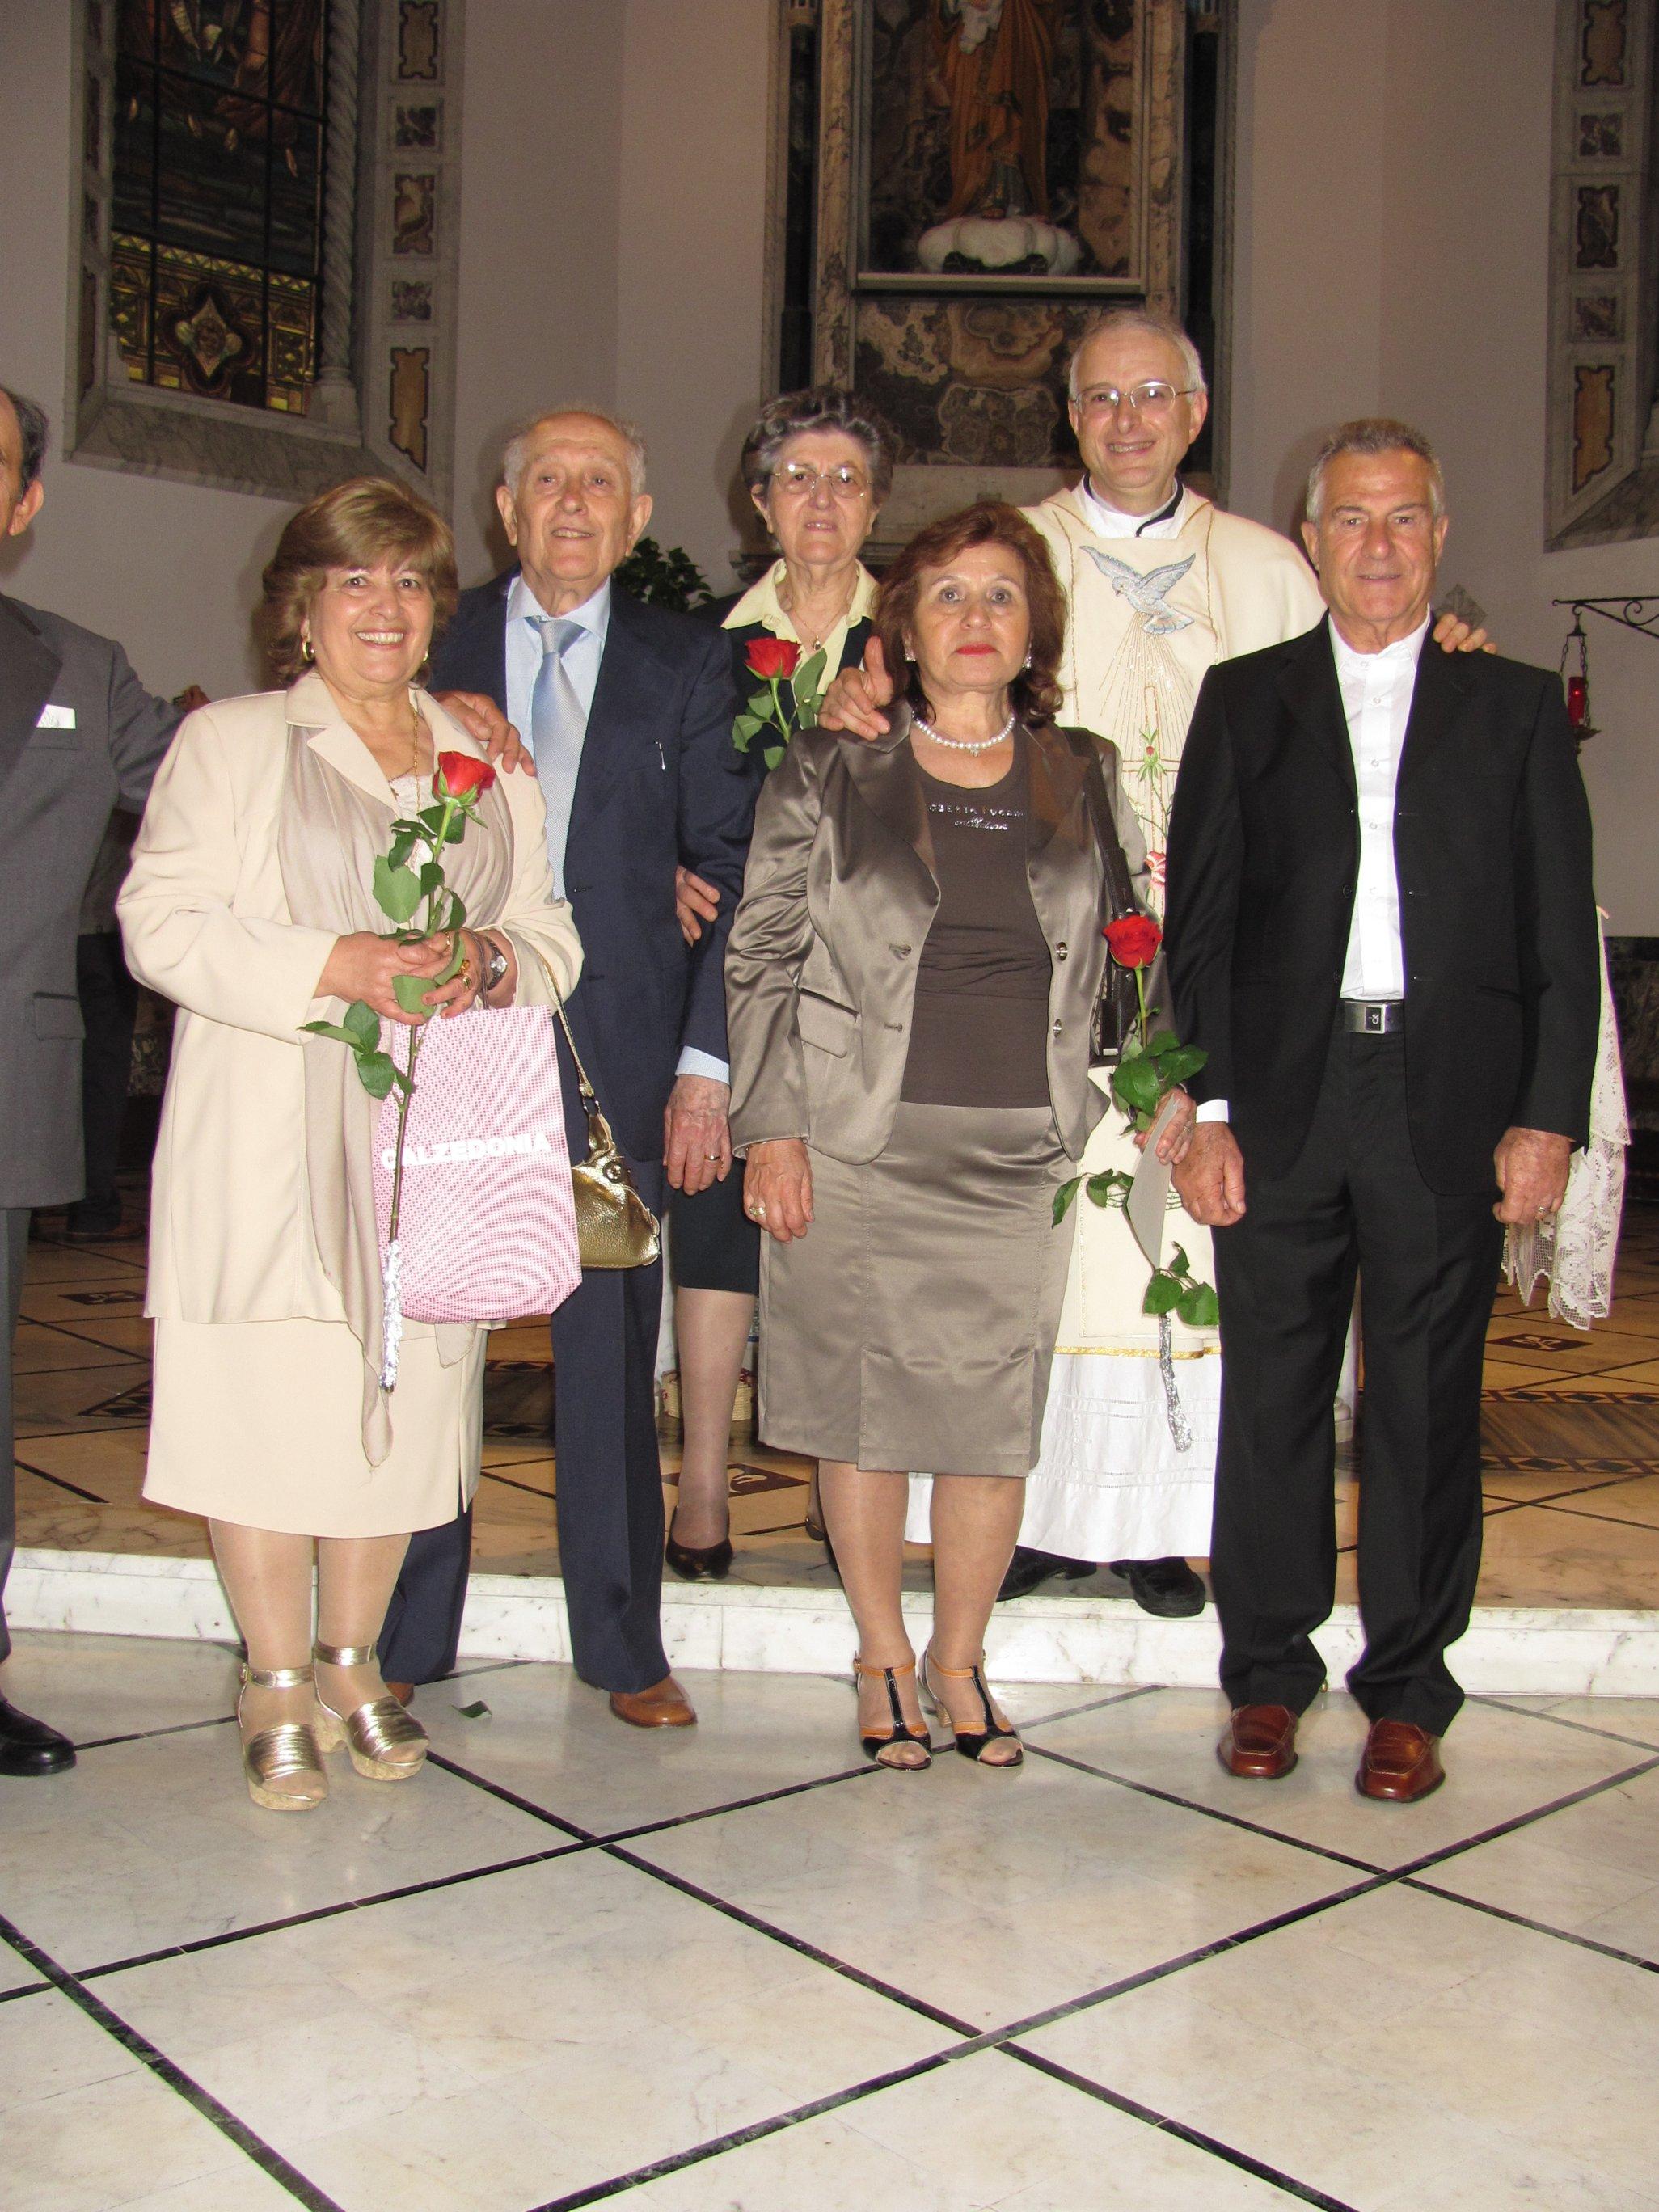 anniversari_di_matrimonio_e_di_ordinazione_2012-06-03-11-22-00